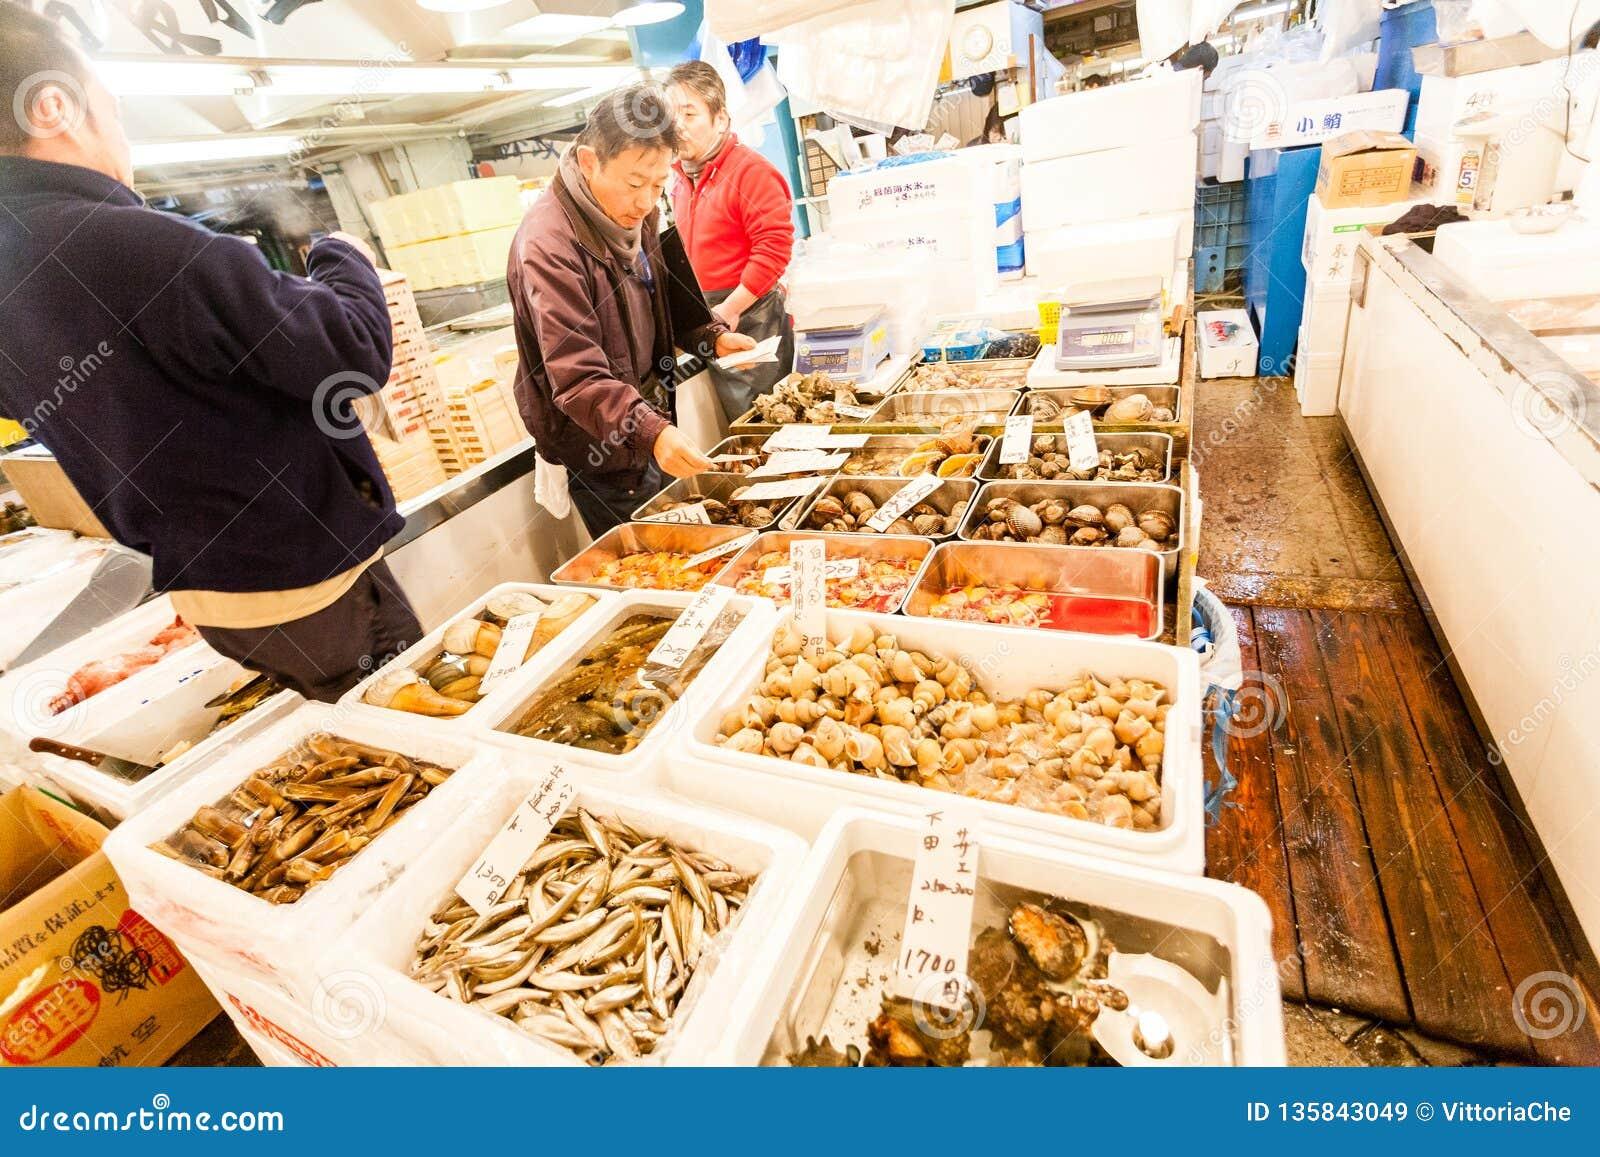 Tokyo, Japan - January 15, 2010: The first customers buy fresh fish at early morning in Tsukiji Fish Market